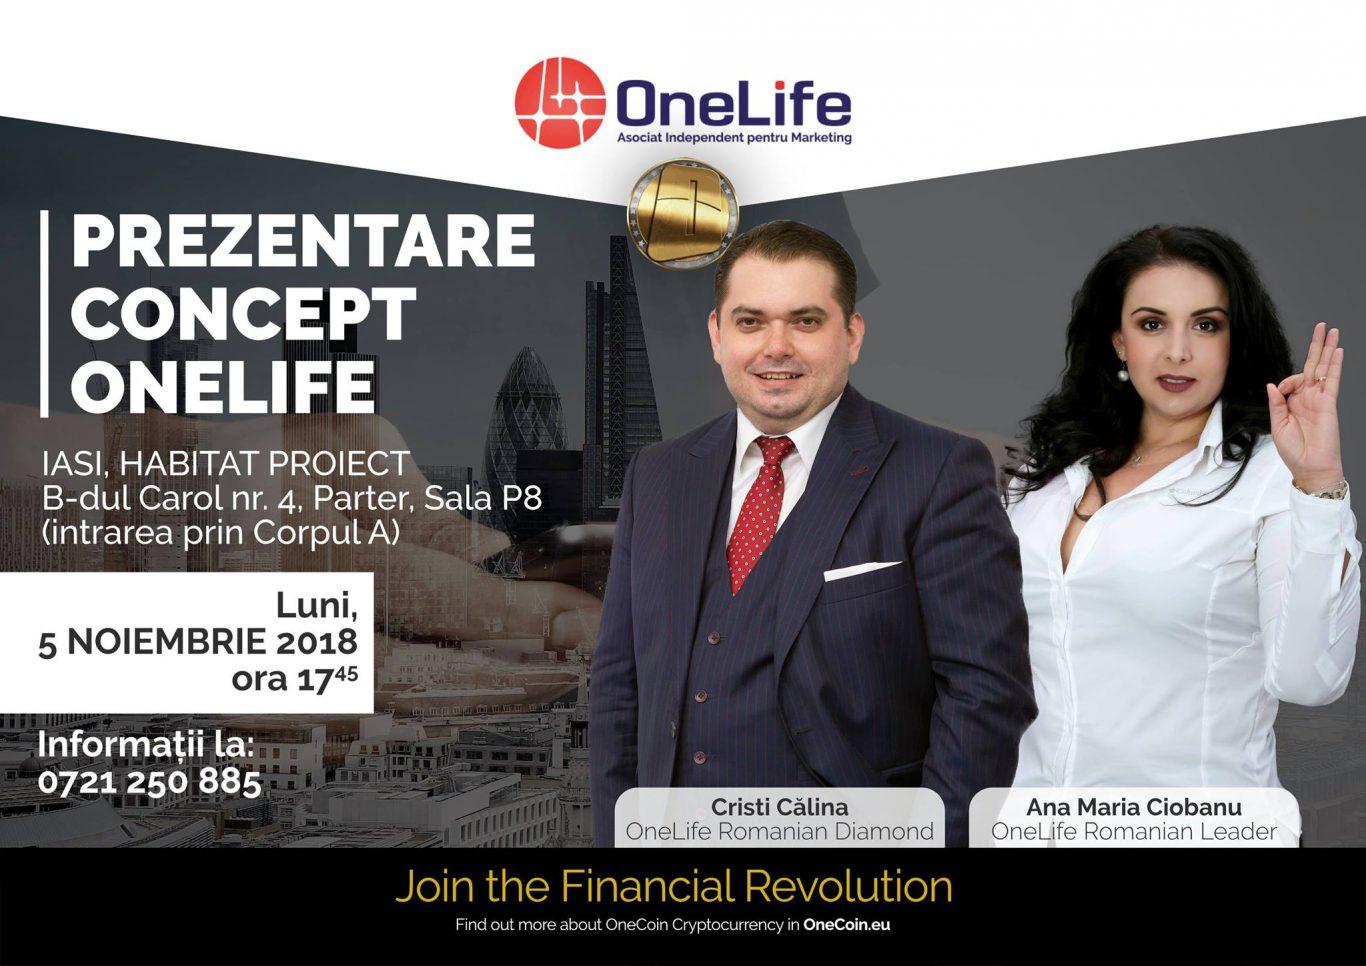 OneLife Business Tour Iași. Vino să descoperi avantajele OneCoin  OneLife Business Tour Iași. Vino să descoperi avantajele OneCoin 45015758 10218654718104987 2202824189939810304 o